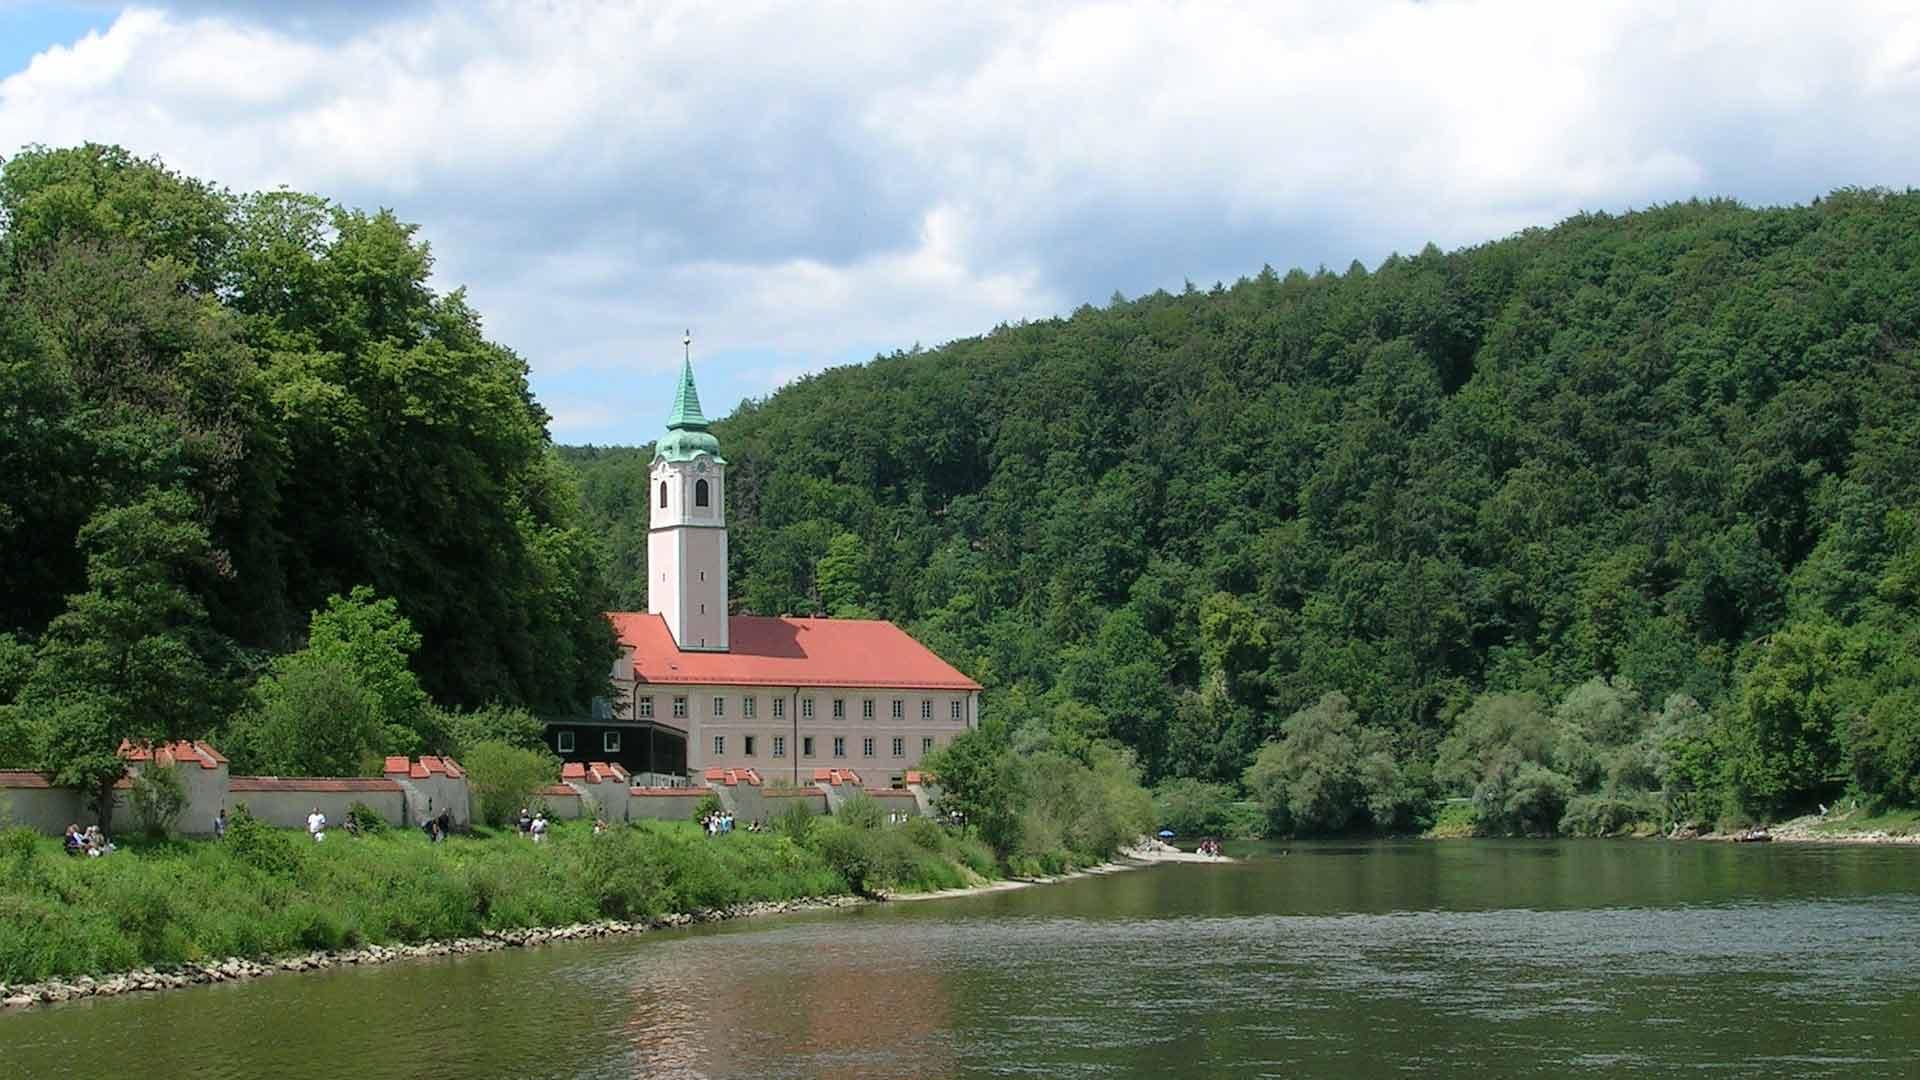 Het beroemde klooster Weltenburg ligt direct aan de Donau.